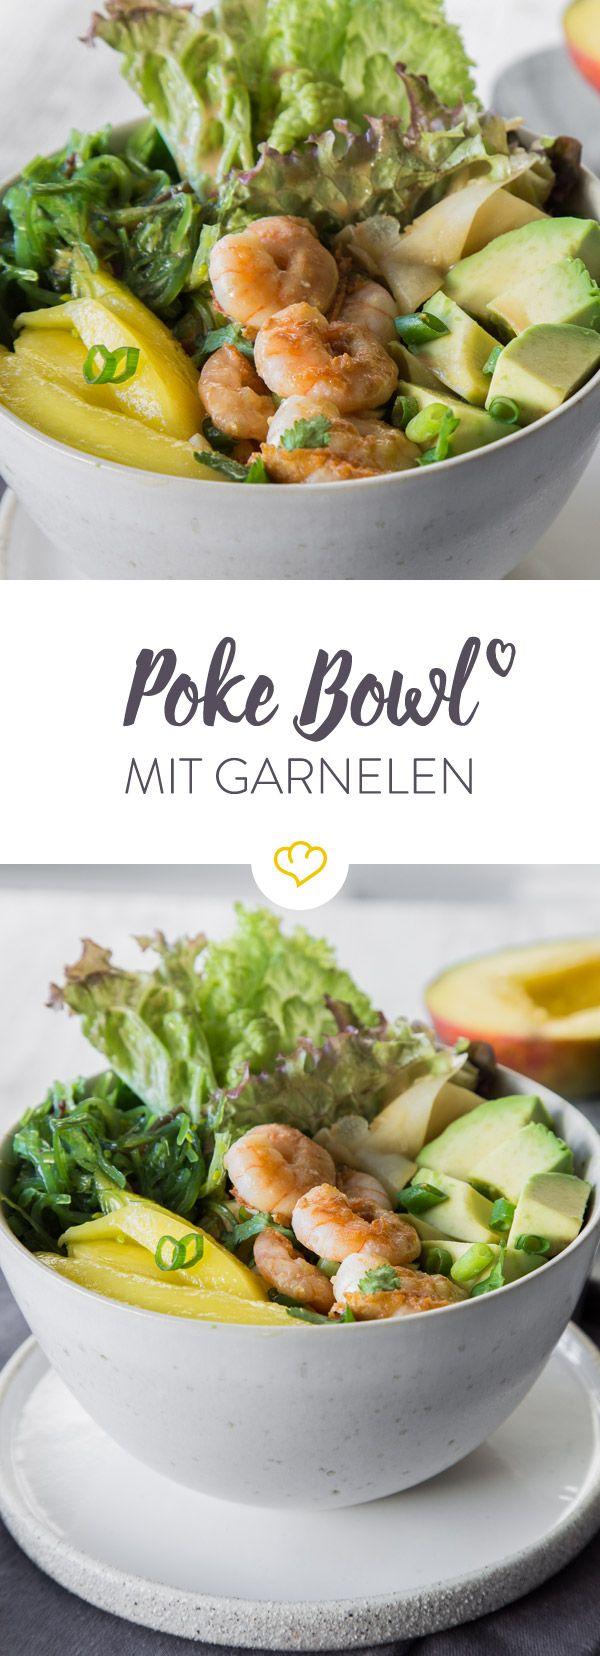 Üblicherweise kommt eine Poke Bowl mit mariniertem Fisch daher. In diesem Rezept veredeln wir die Schüssel ganz easy mit Garnelen, Quinoa, Mango und Sesam.